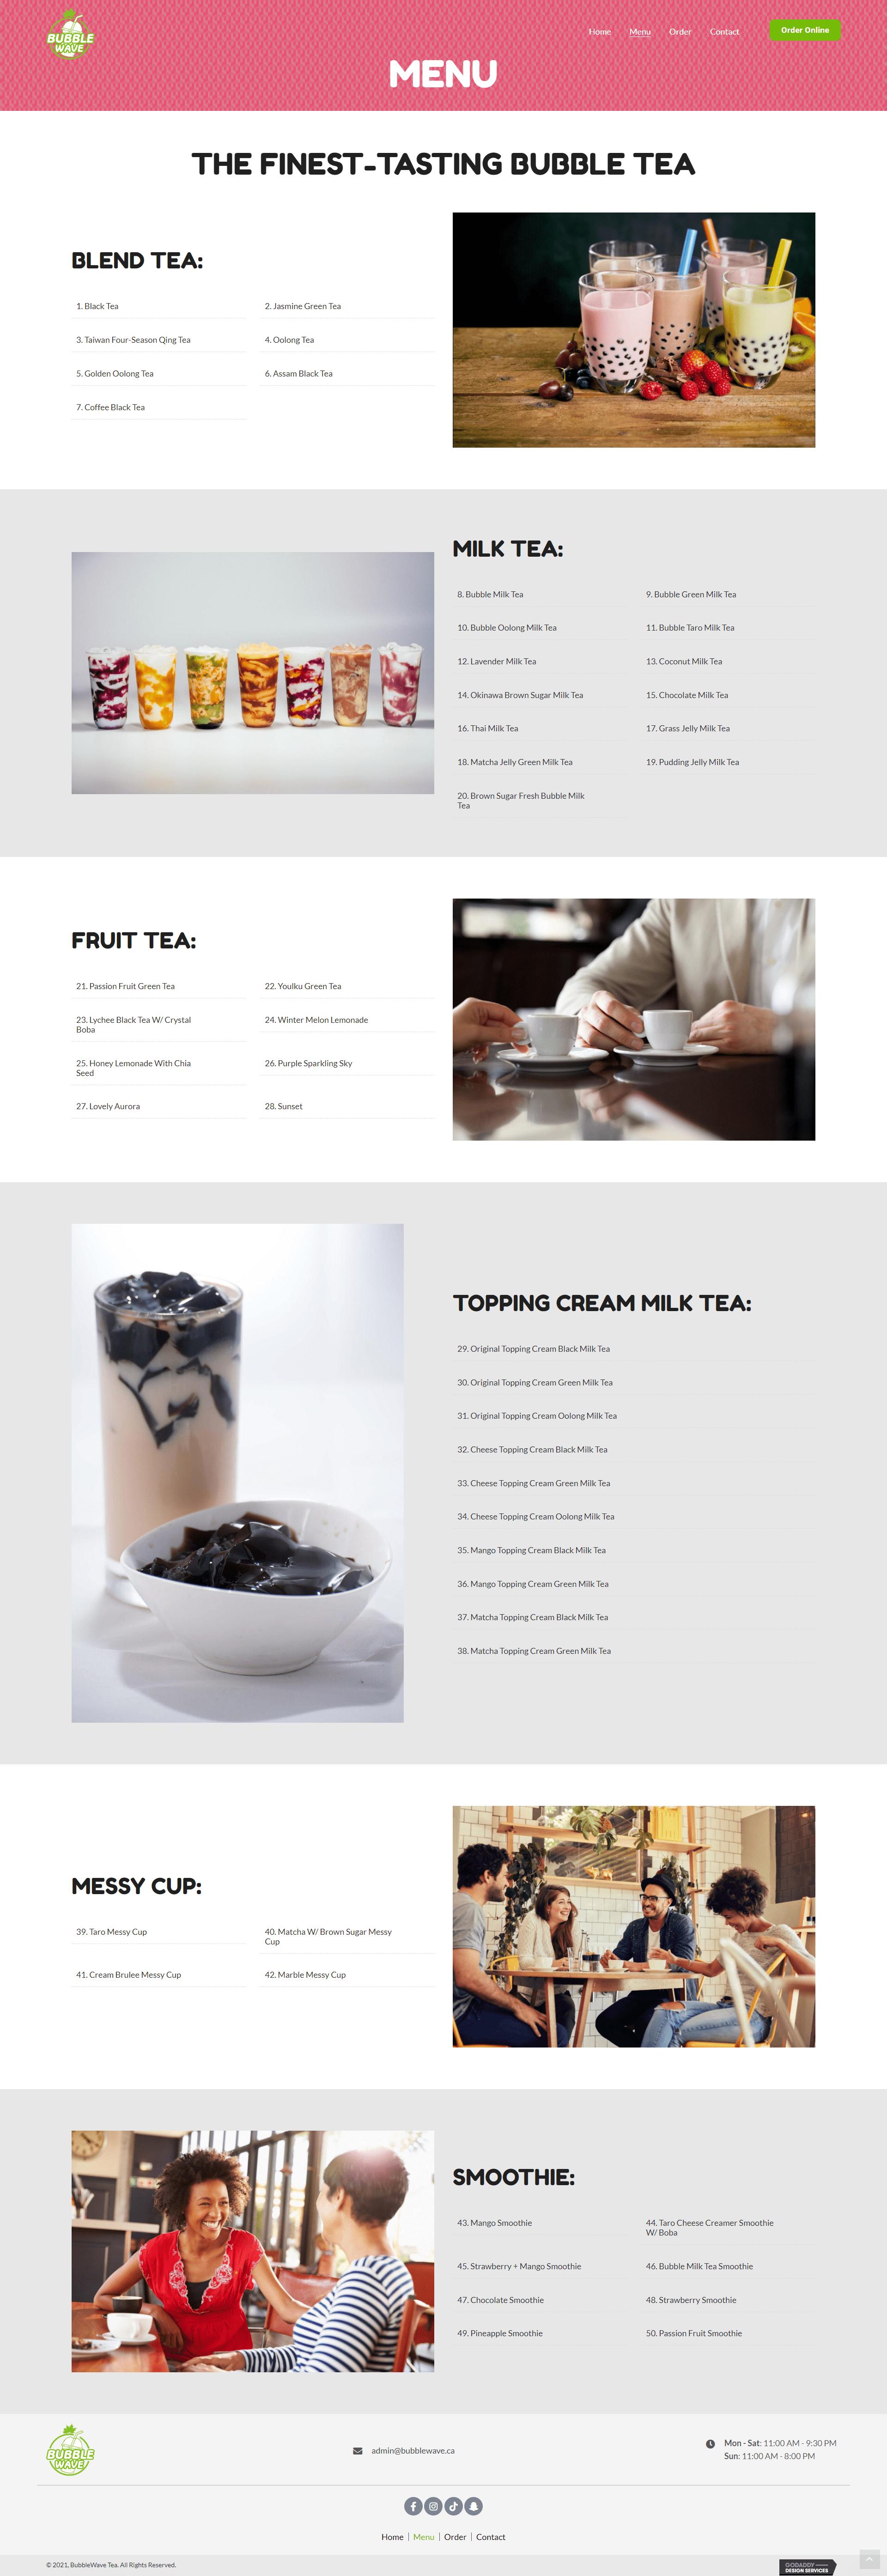 BubbleWave Tea Menu